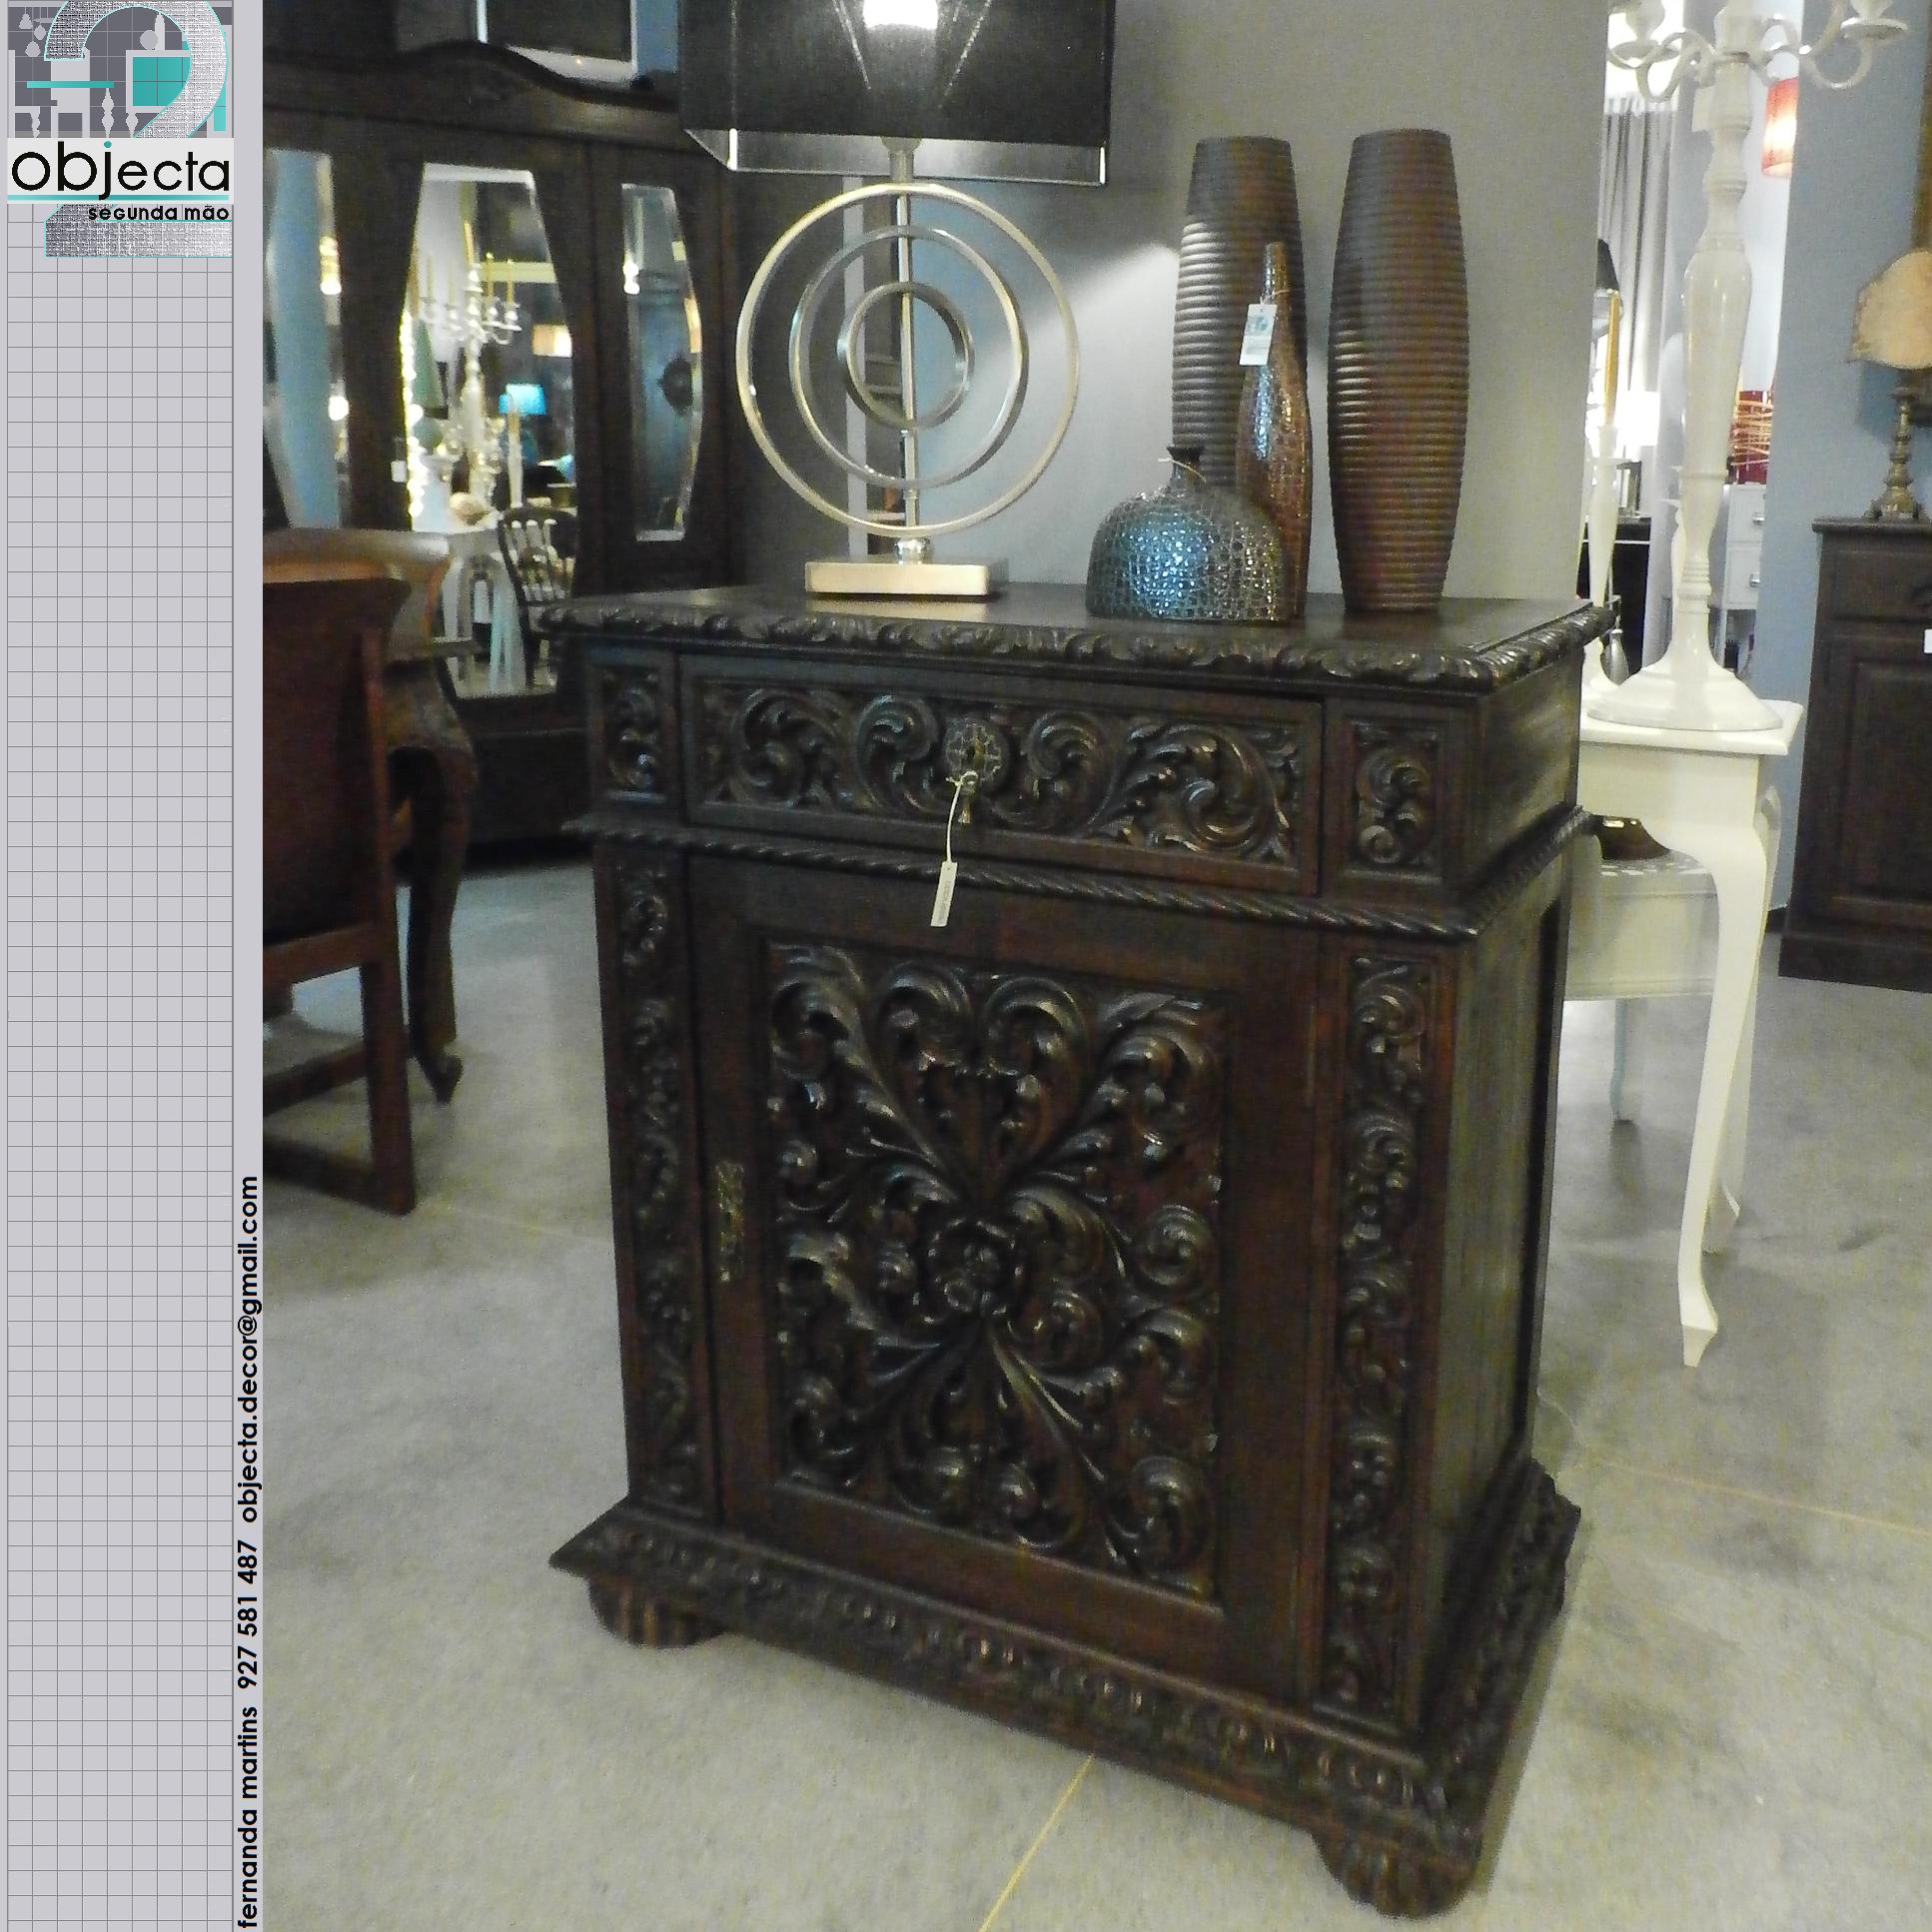 Armario Empotrado Sinonimo ~ MÓVEL APARADOR SAPATEIRA antigo, estilo Renascença, totalmente em madeira maciça móvel de